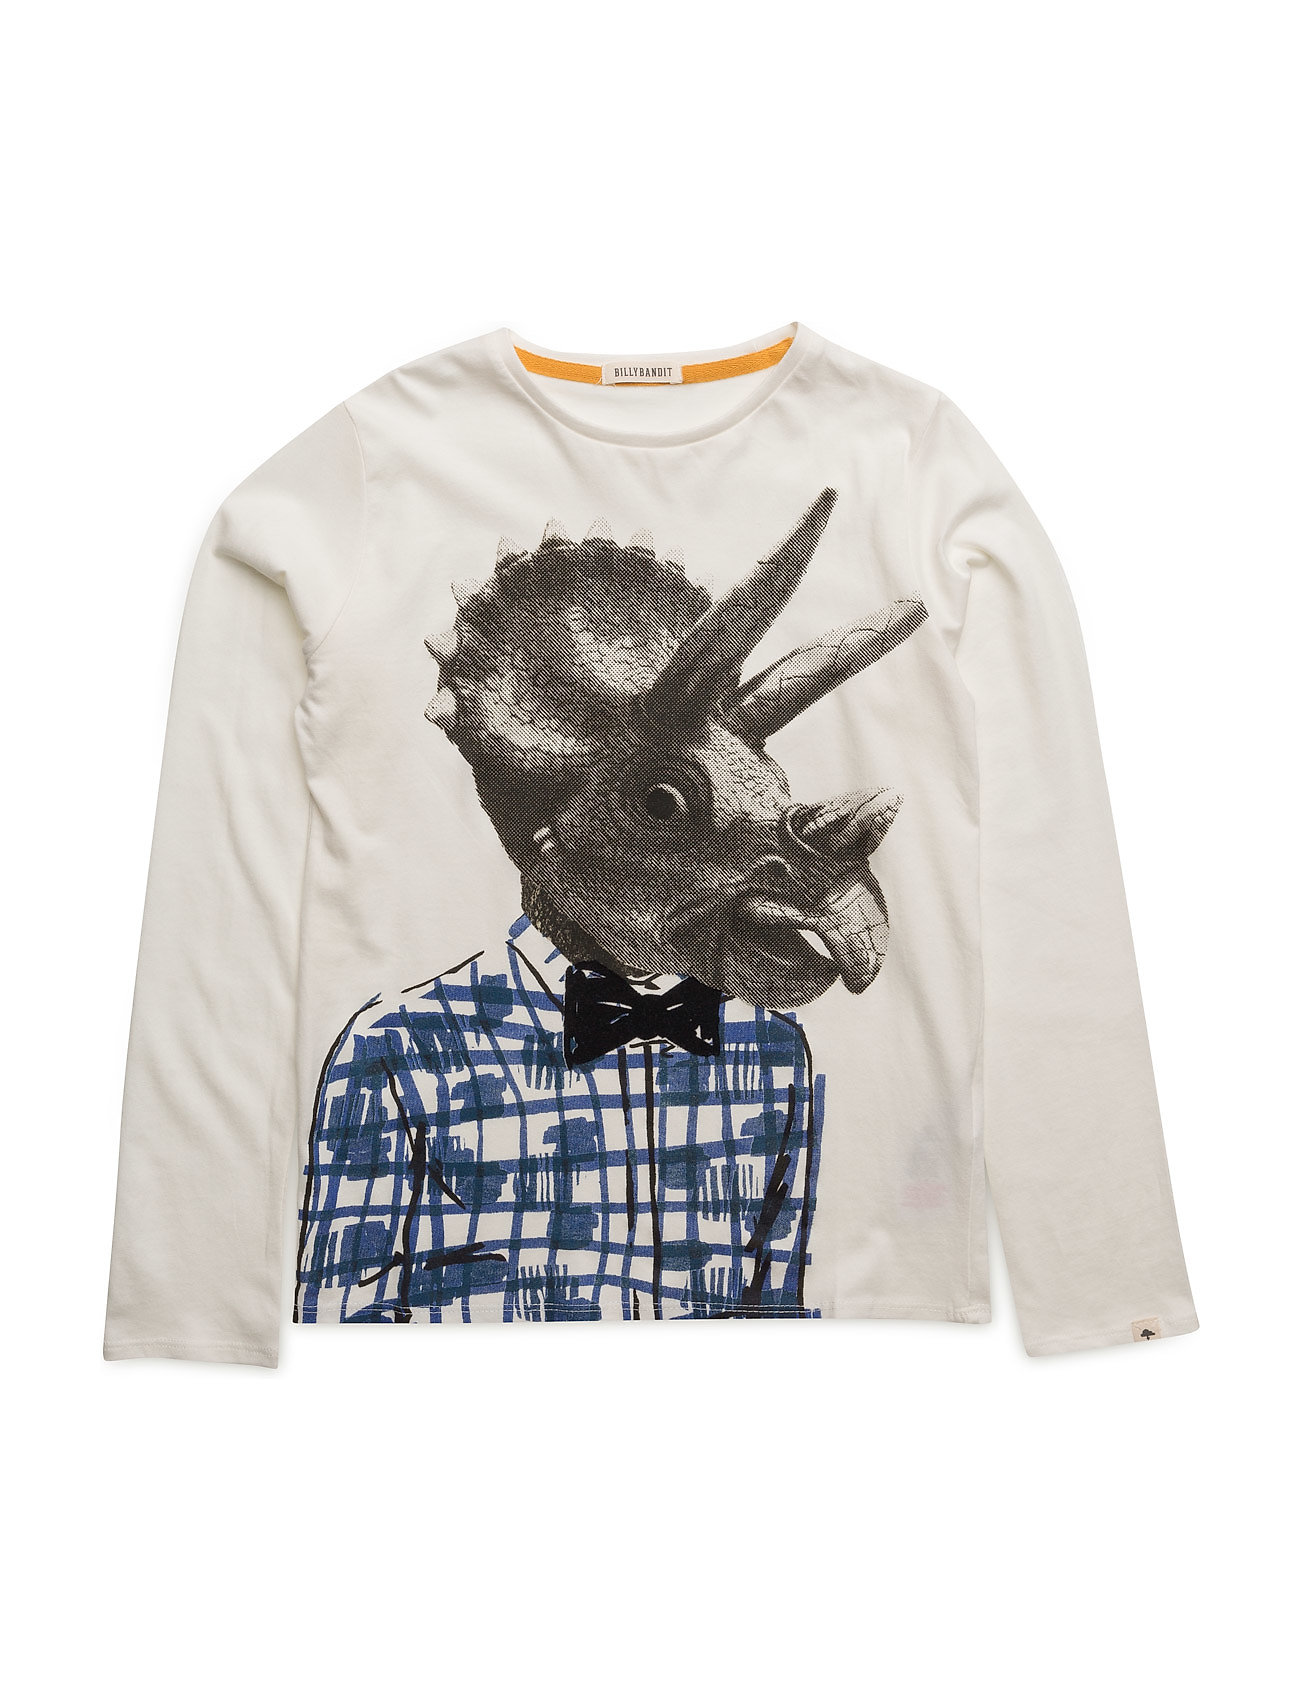 T-Shirt Billybandit Langærmede t-shirts til Børn i hvid